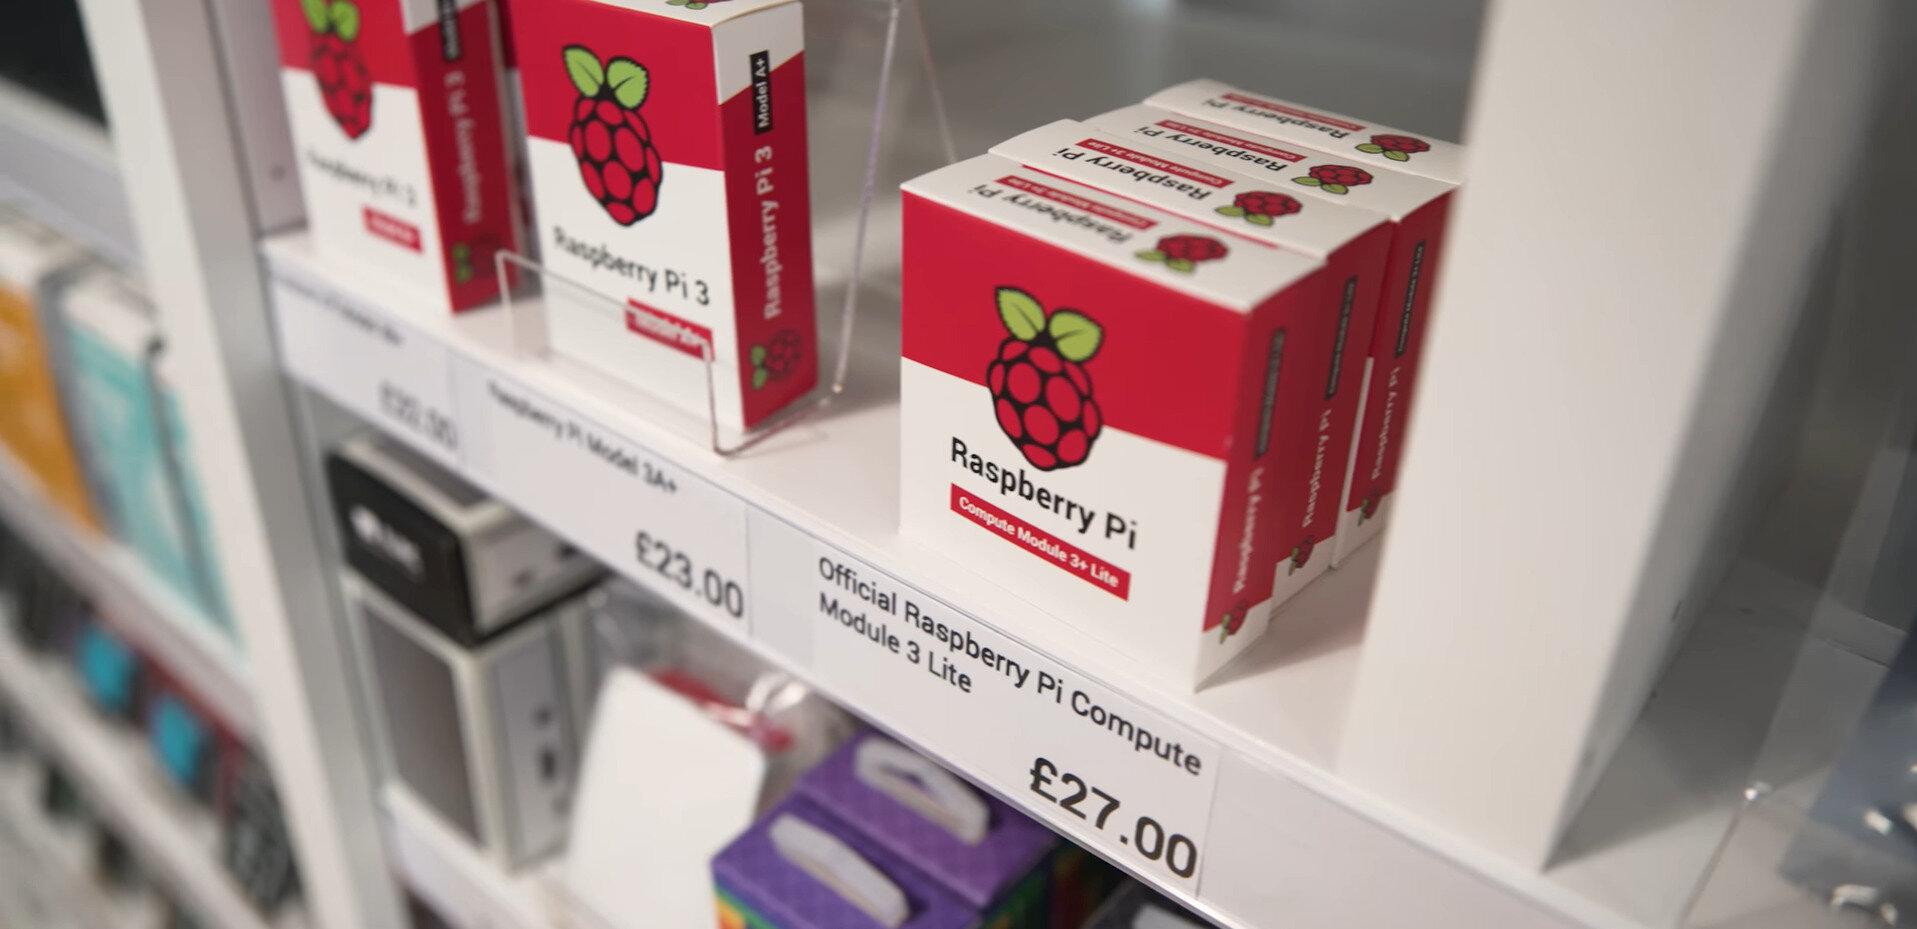 La fondation Raspberry Pi ouvre sa première boutique à Cambridge